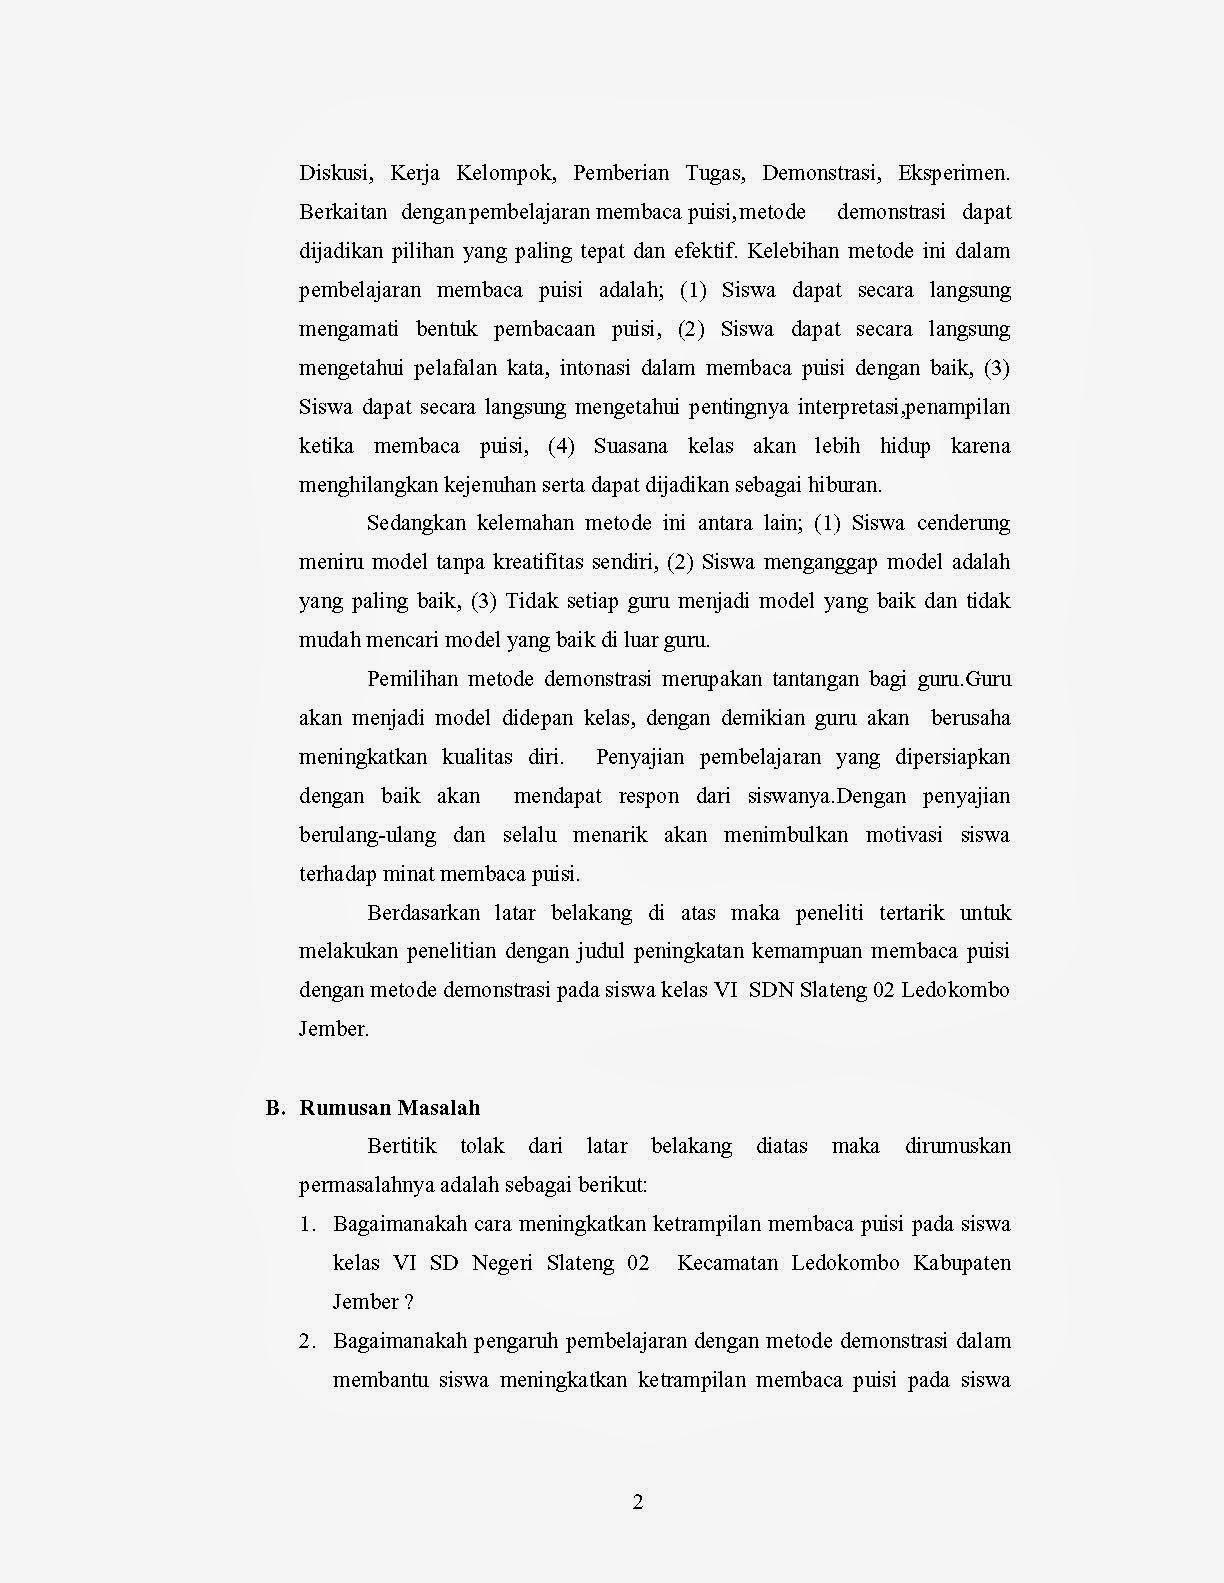 Contoh Proposal Ptk Bahasa Indonesia Smp Kelas 9 Contoh Proposal Usulan Penelitian Tindakan Kelas Slideshare Kumpulan Ptk Guru Ptk Bahasa Indonesia Kelas Iv Sd Demostrasi Puisi